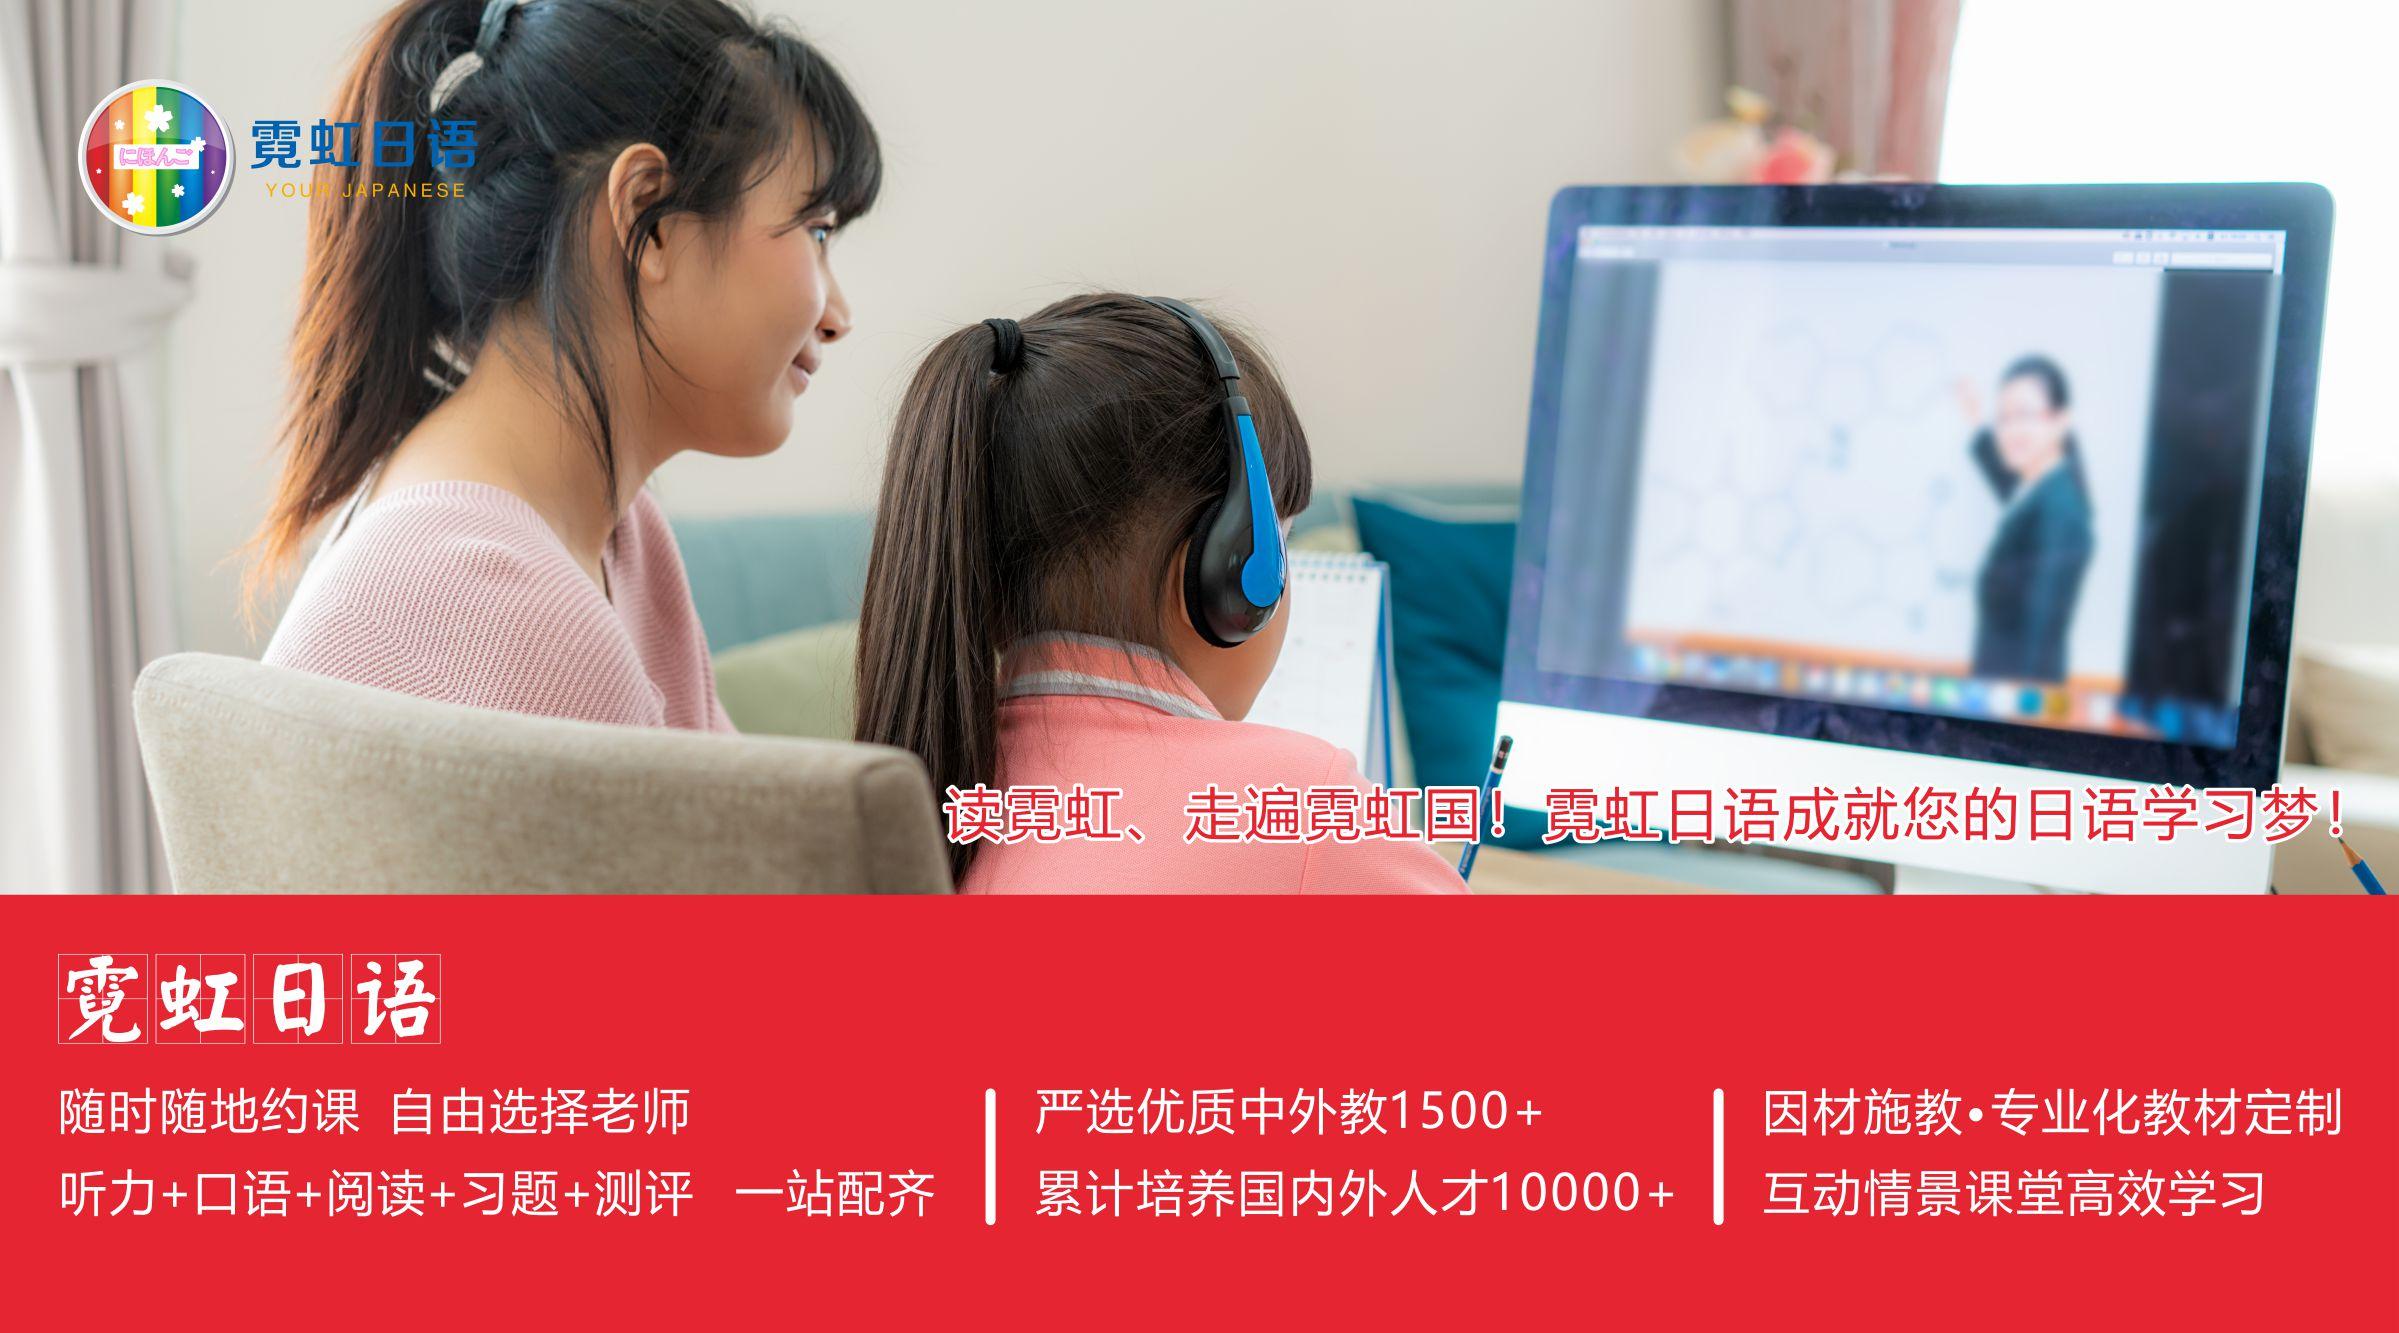 日语在线网校平台哪个好?霓虹日语怎么样?